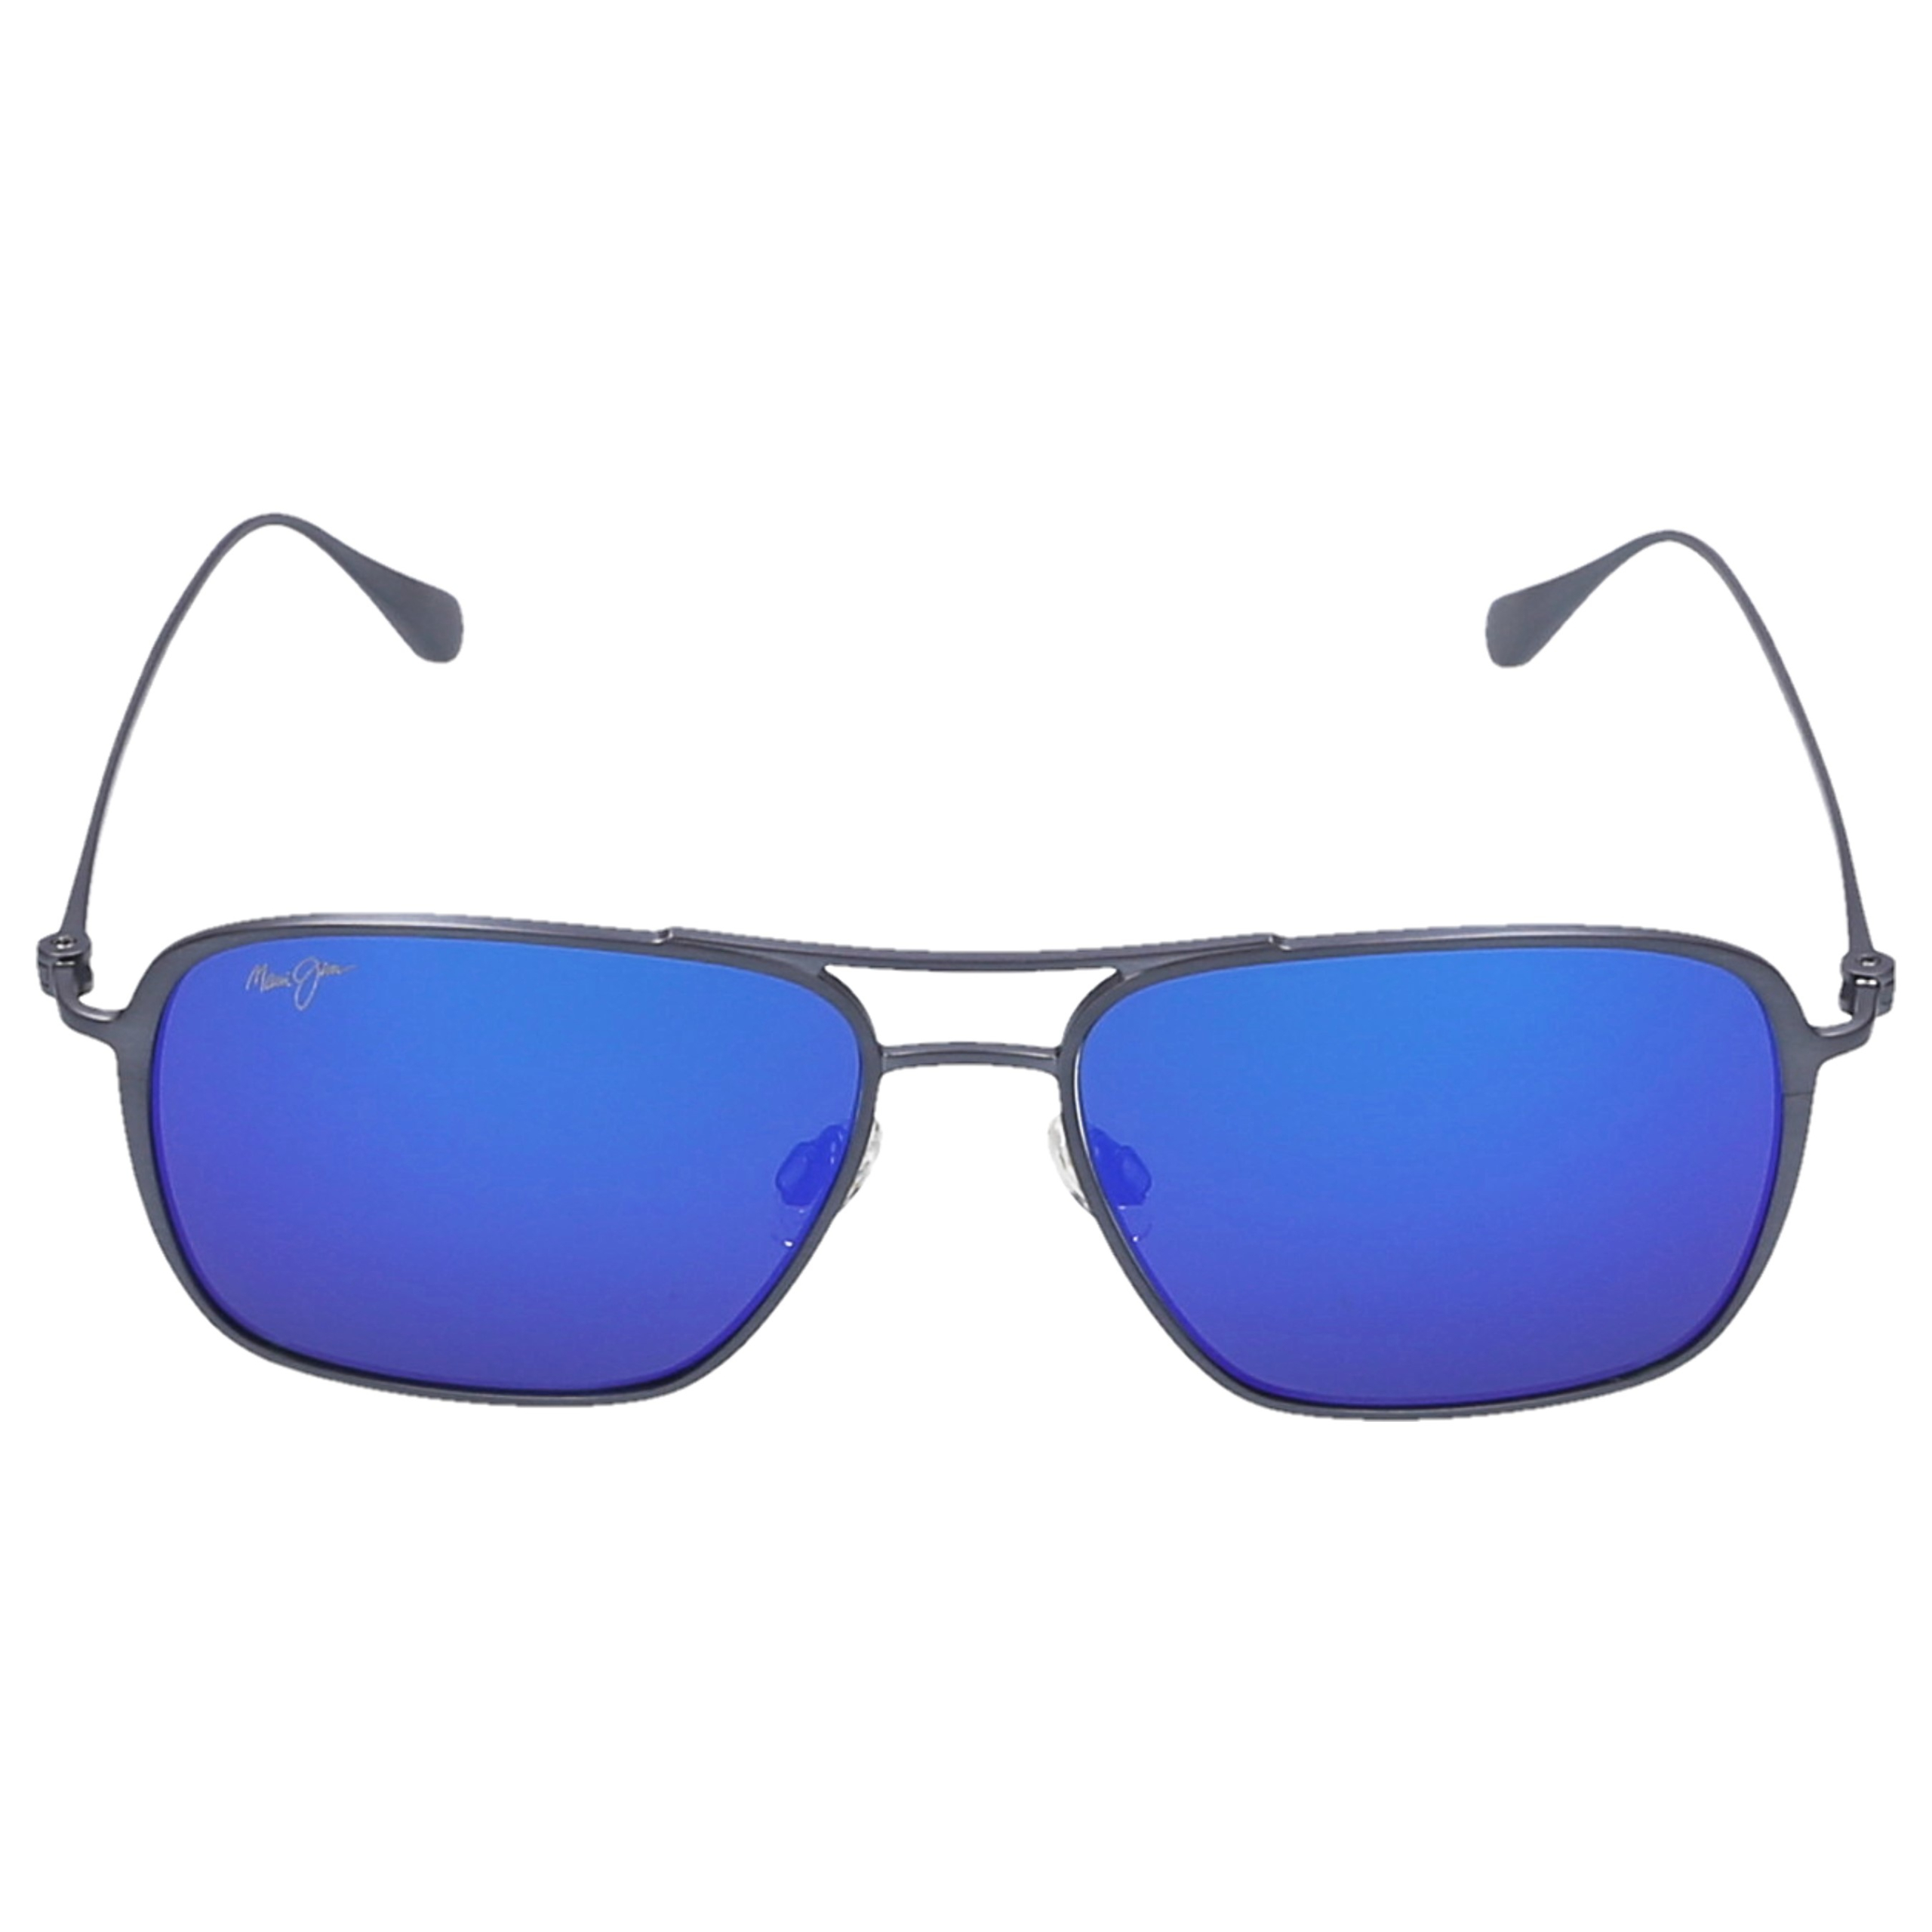 Sonnenbrille Aviator BEACHES 27A Titan grau